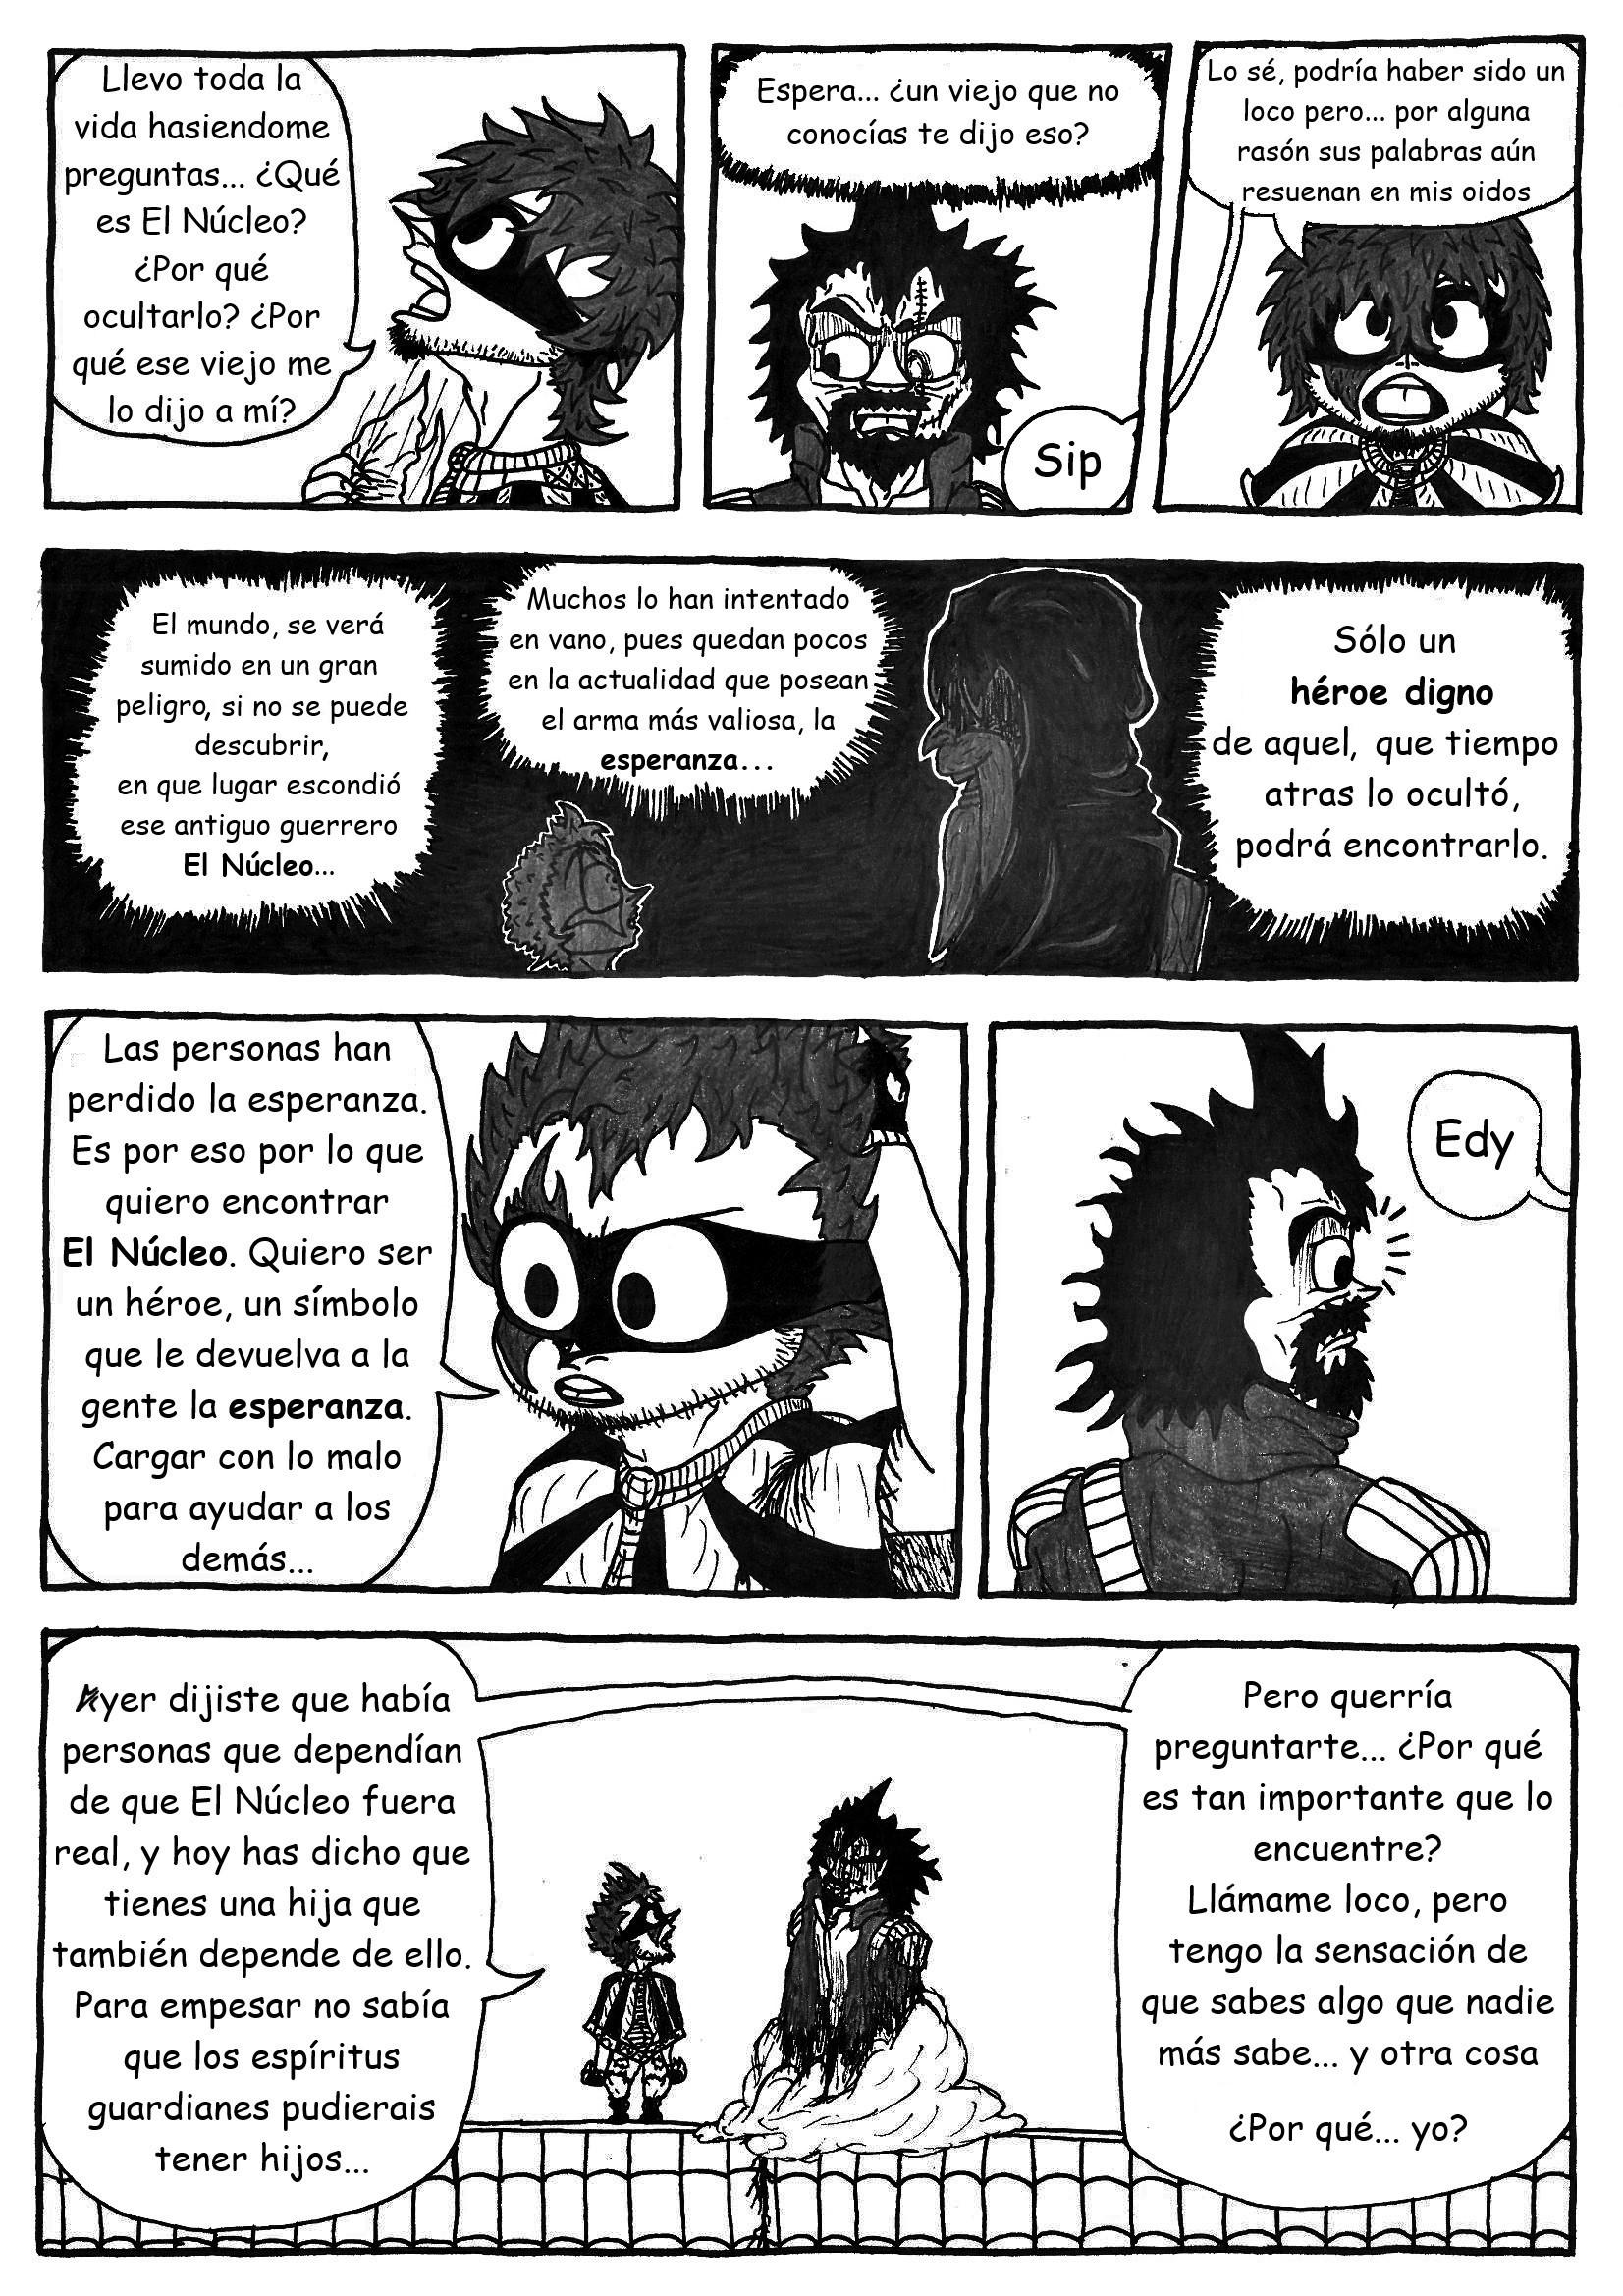 Avatar_03_J_Angel_Casado_Fuster_pagina00007